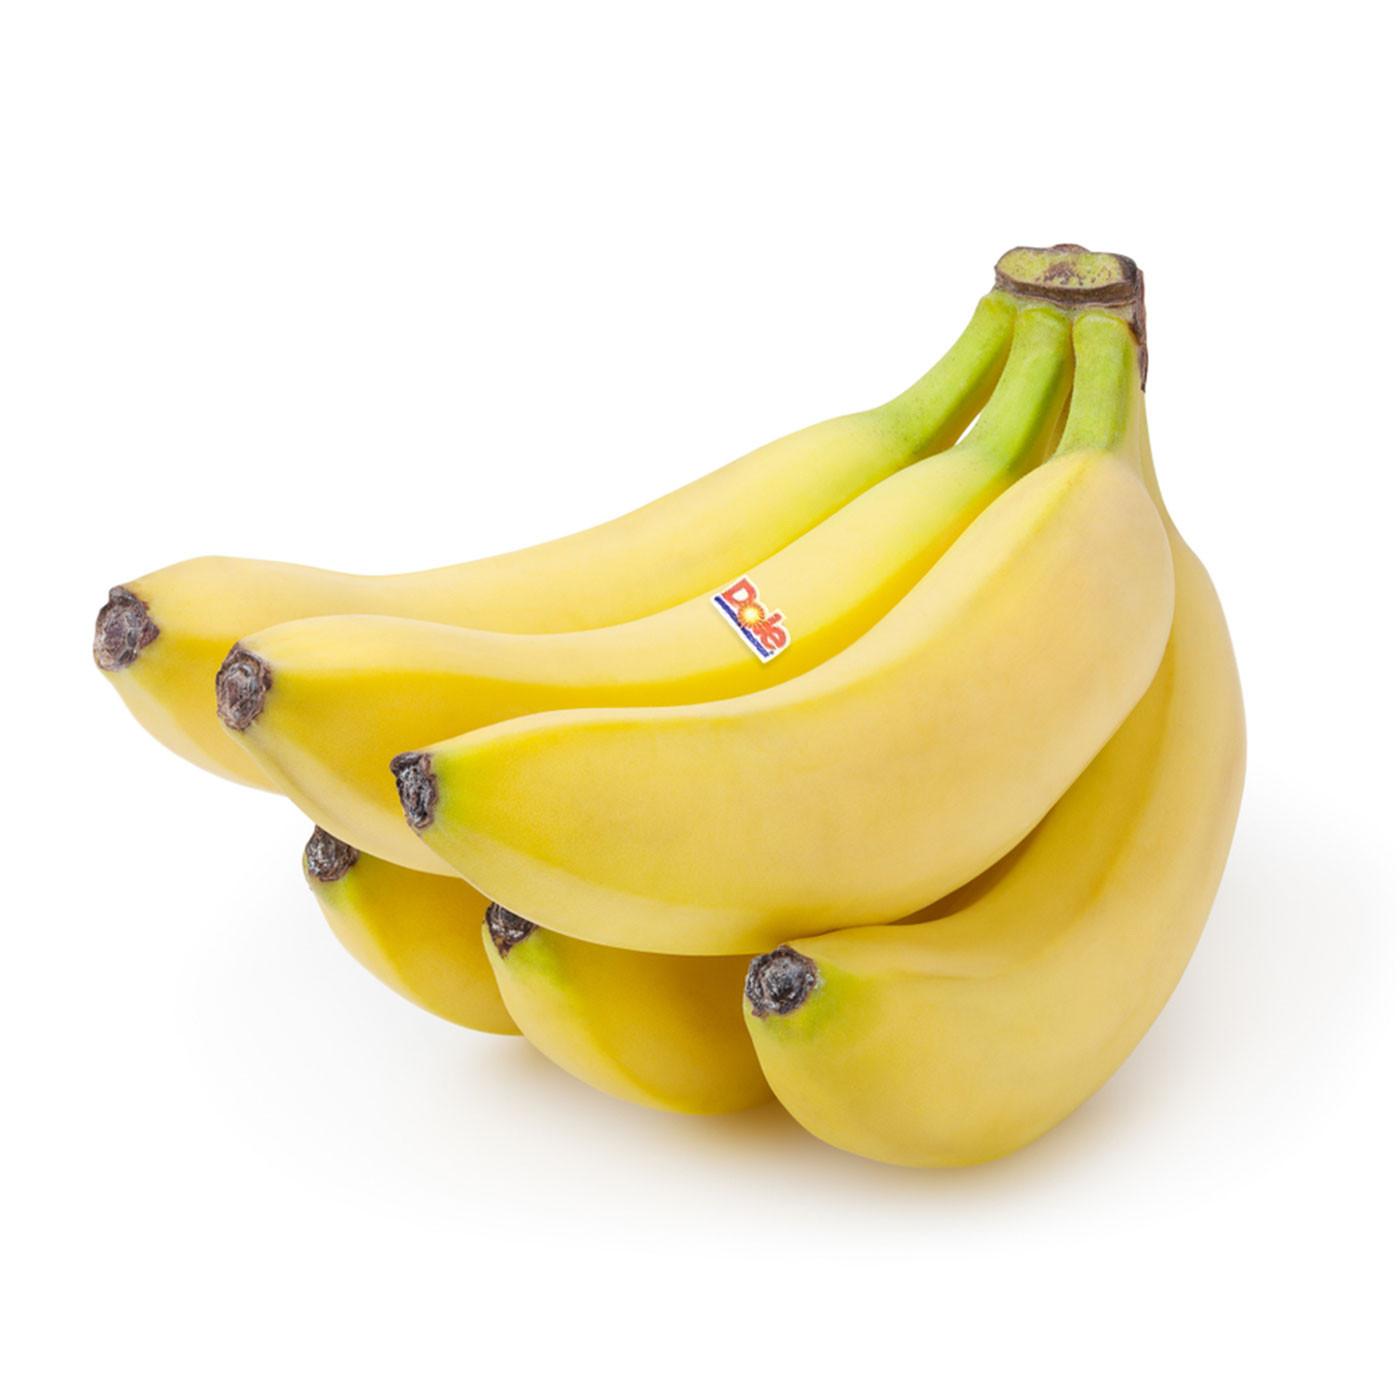 Μπανάνες Dole Εκουαδόρ